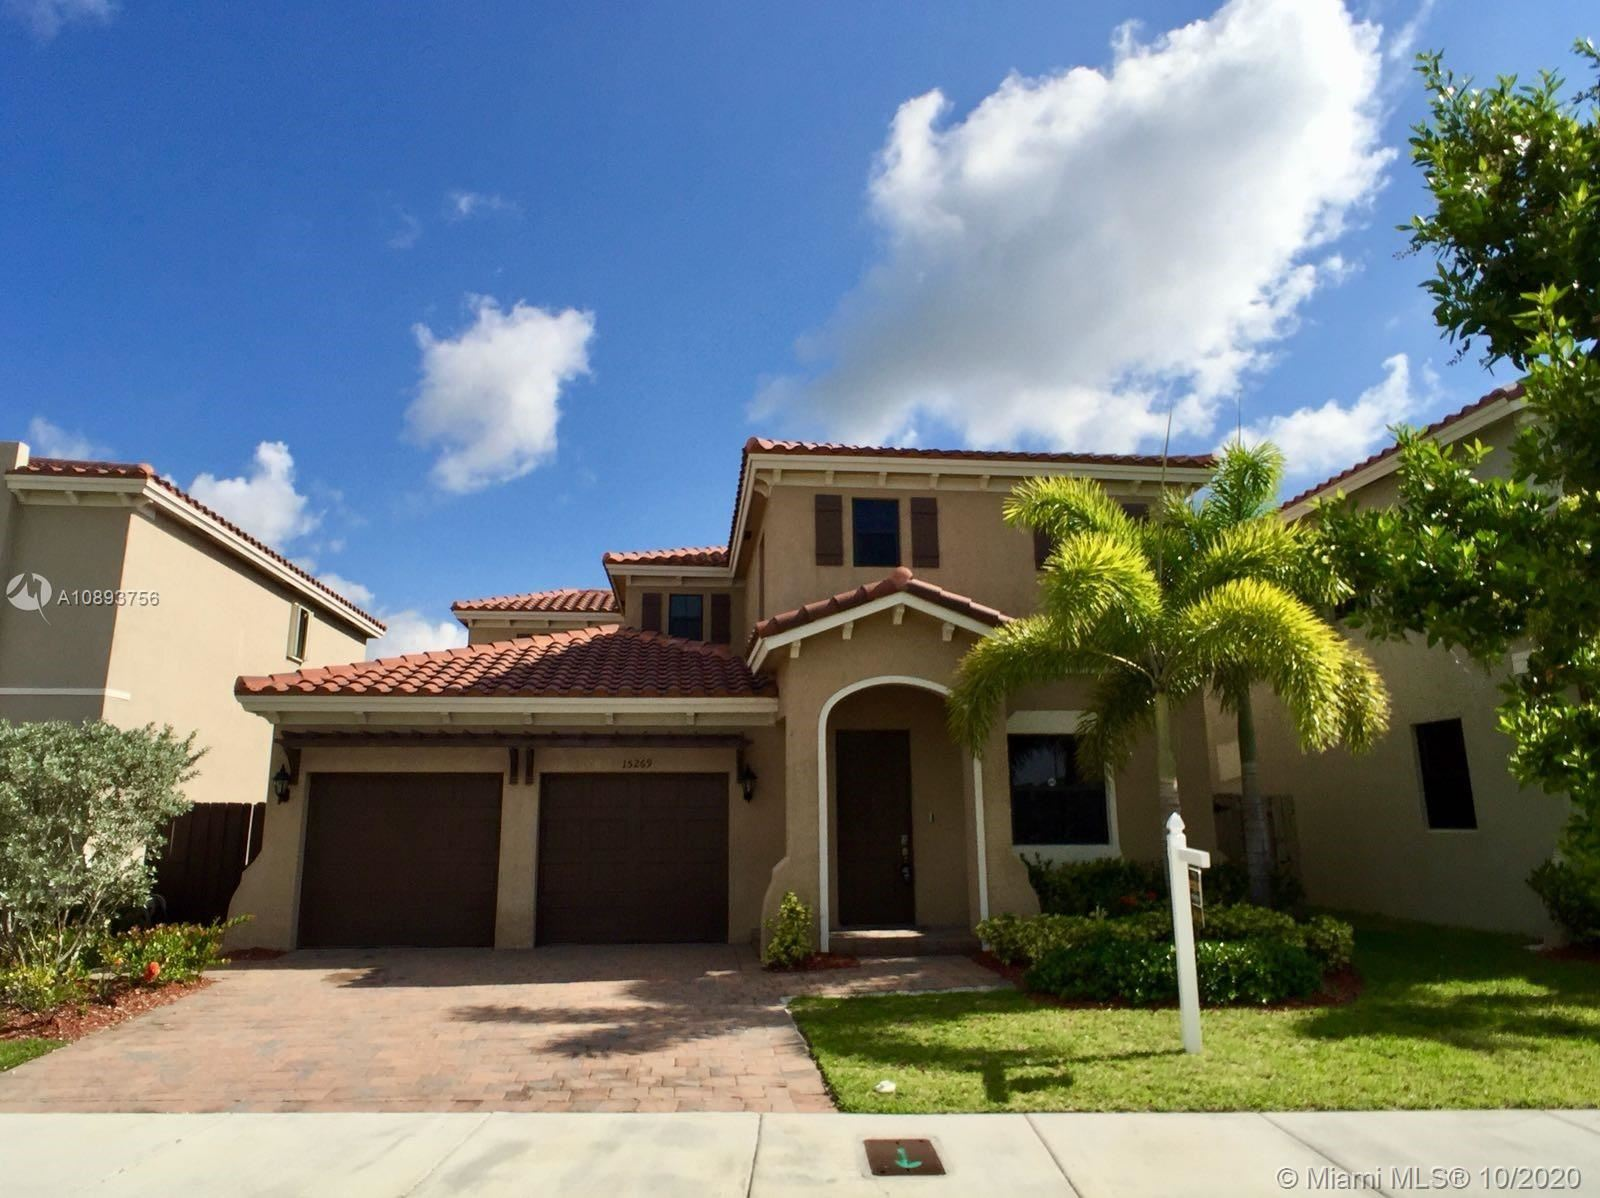 15269 SW 175th St, Miami, FL 33187 - #: A10893756